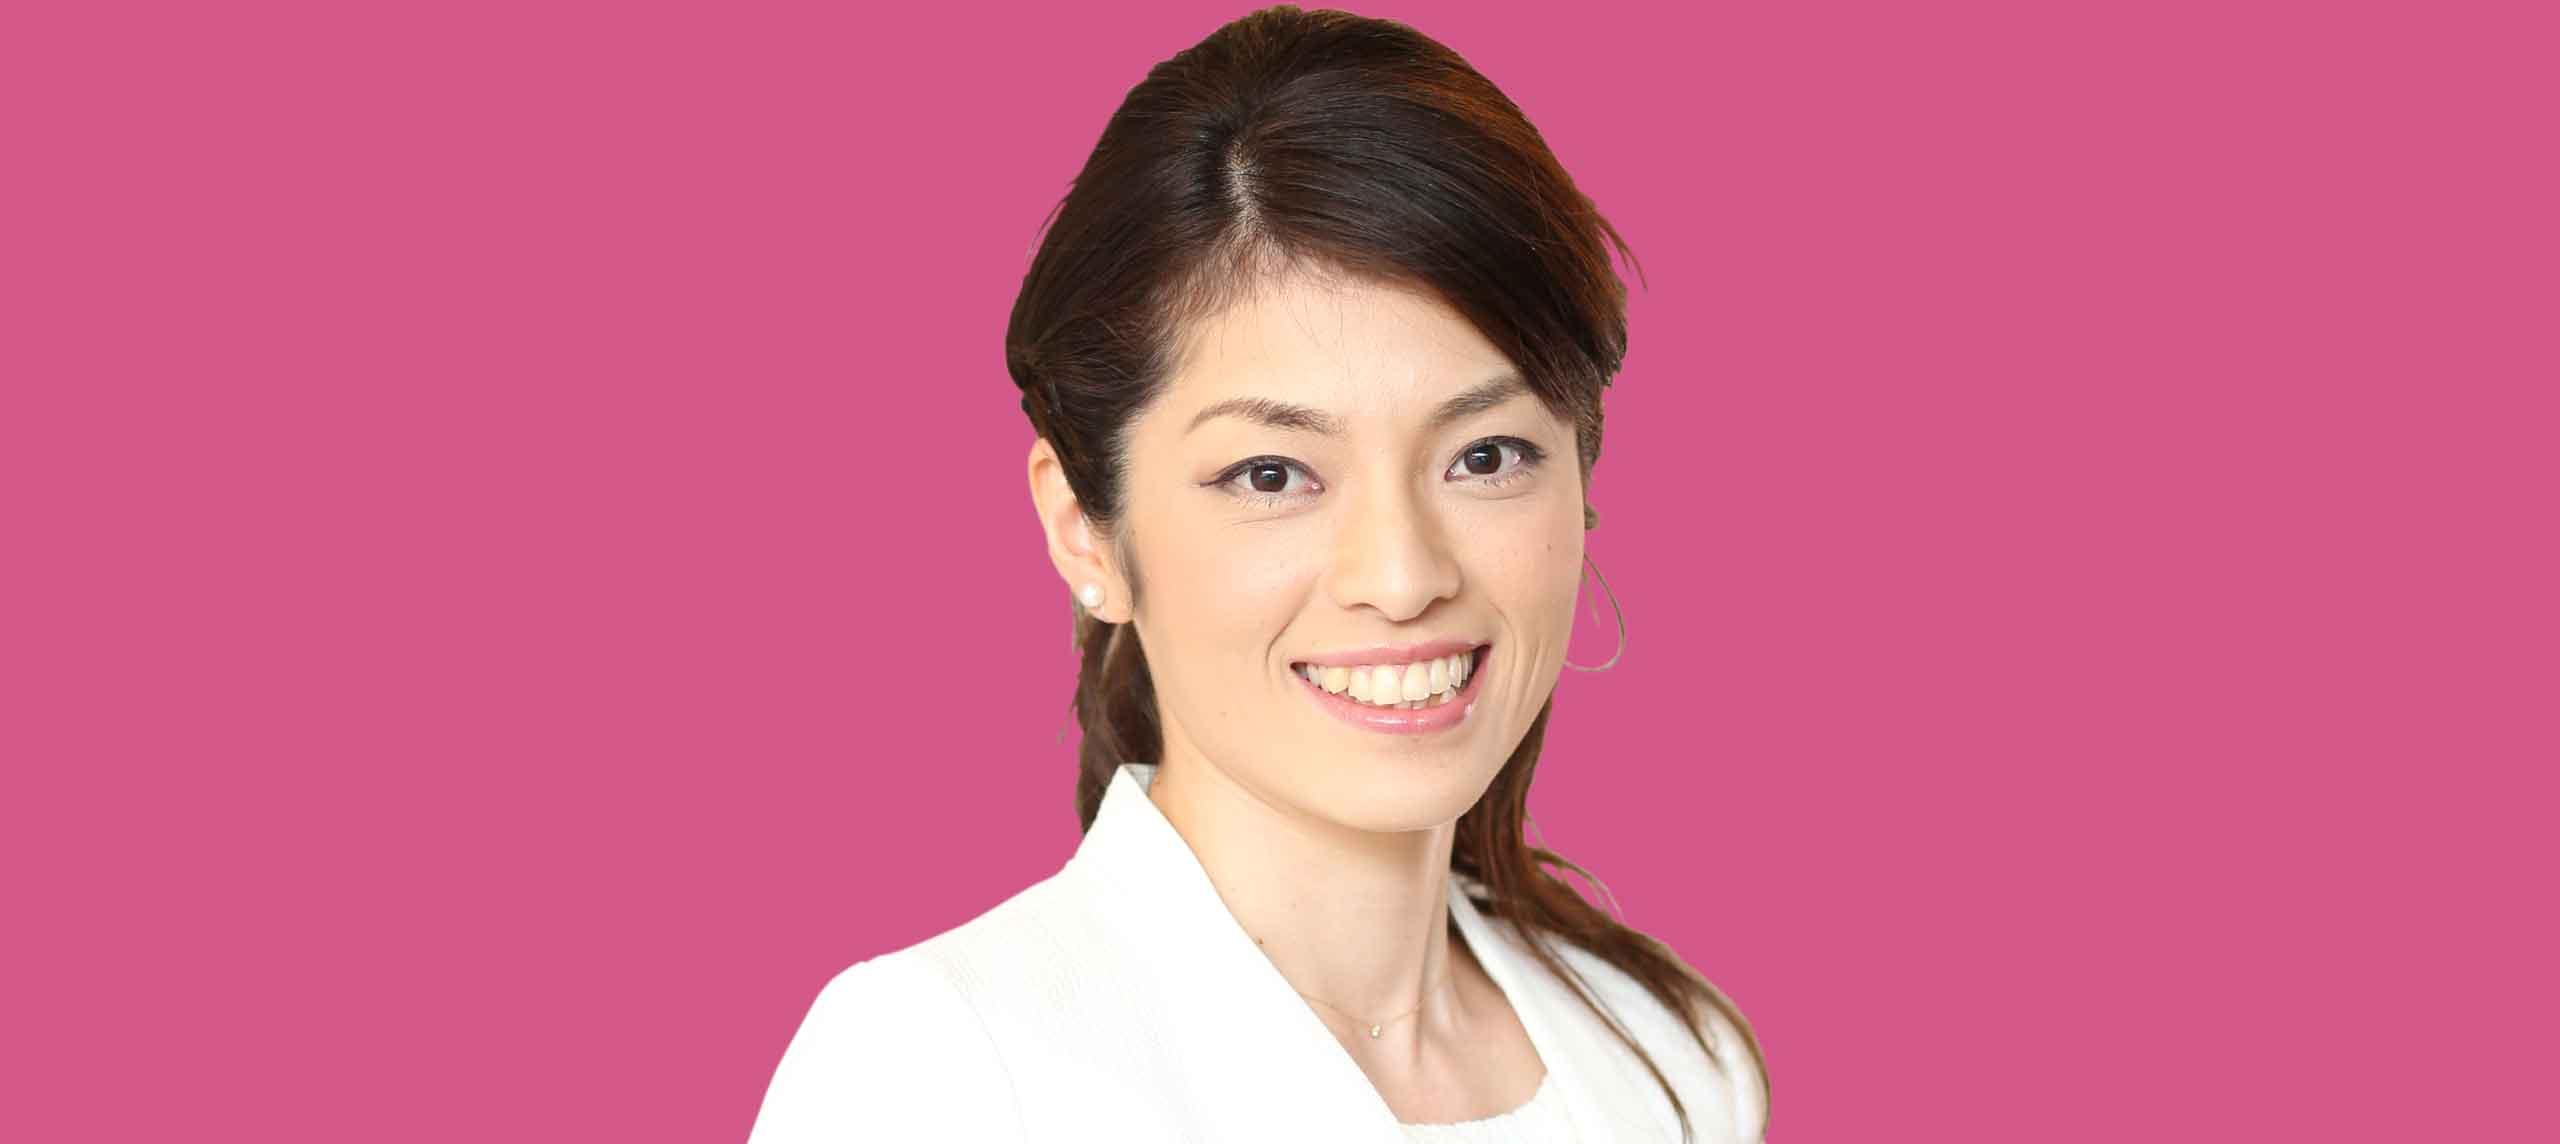 小園亜由美(こぞのあゆみ)|管理栄養士・野菜ソムリエ上級プロ・健康運動指導士